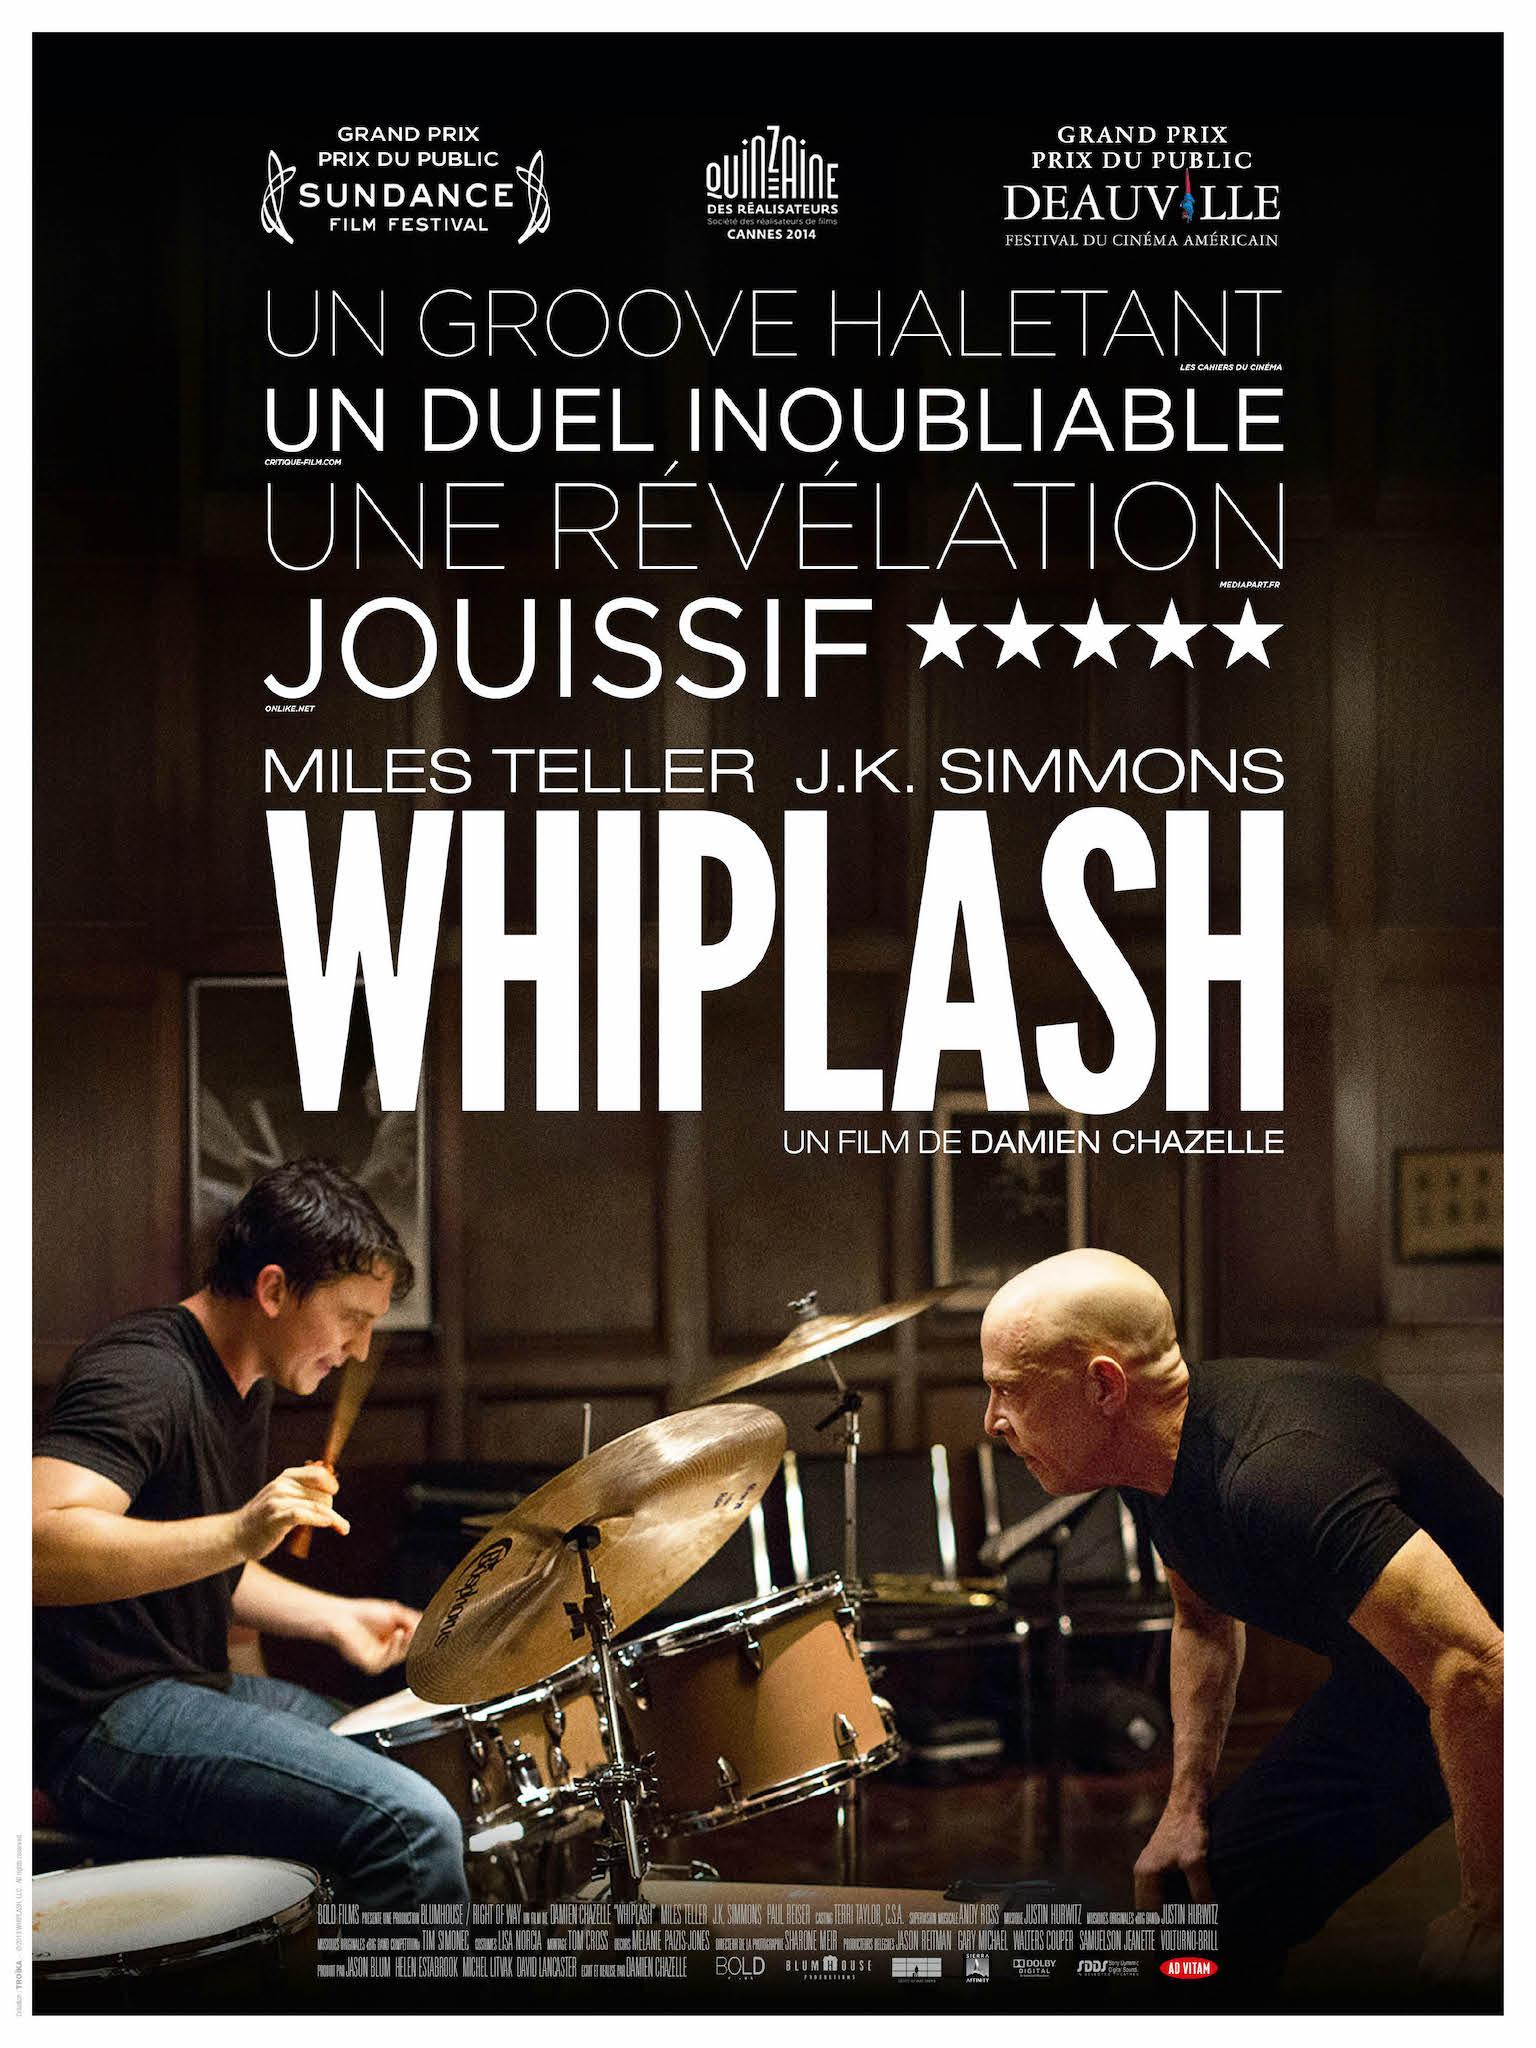 Whiplash de Damien Chazelle affiche film cinéma